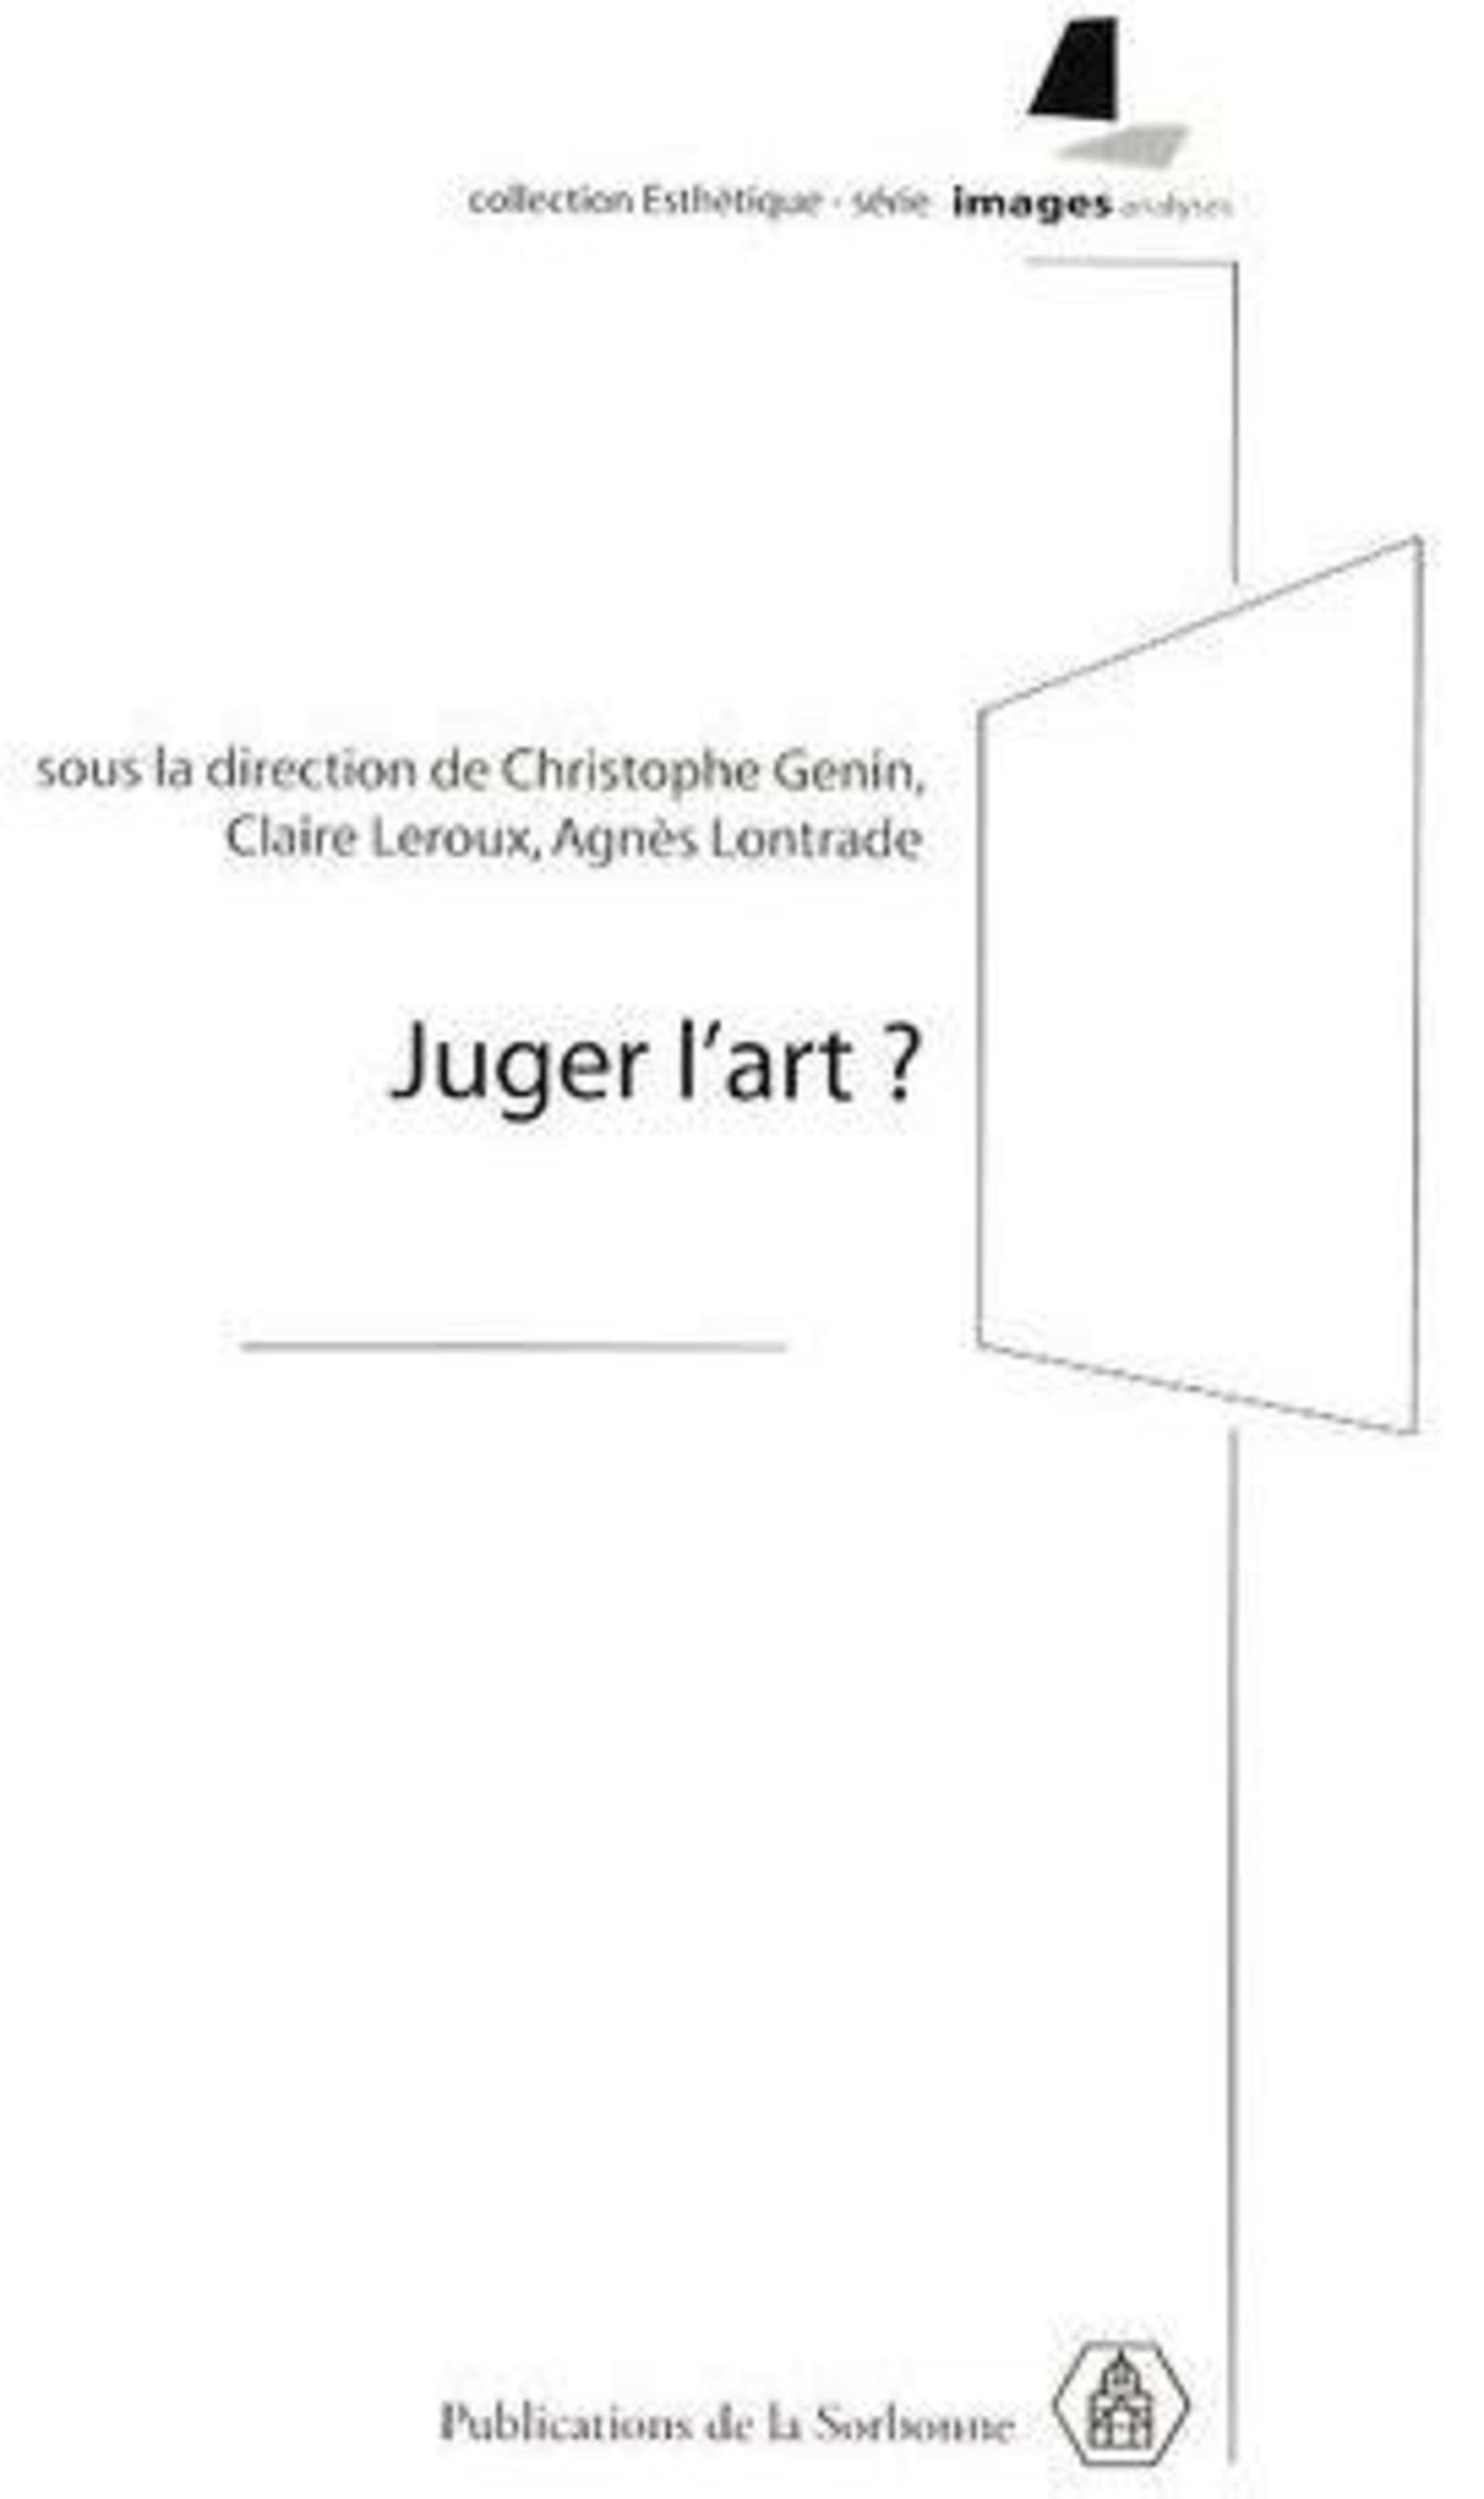 JUGER L'ART ?